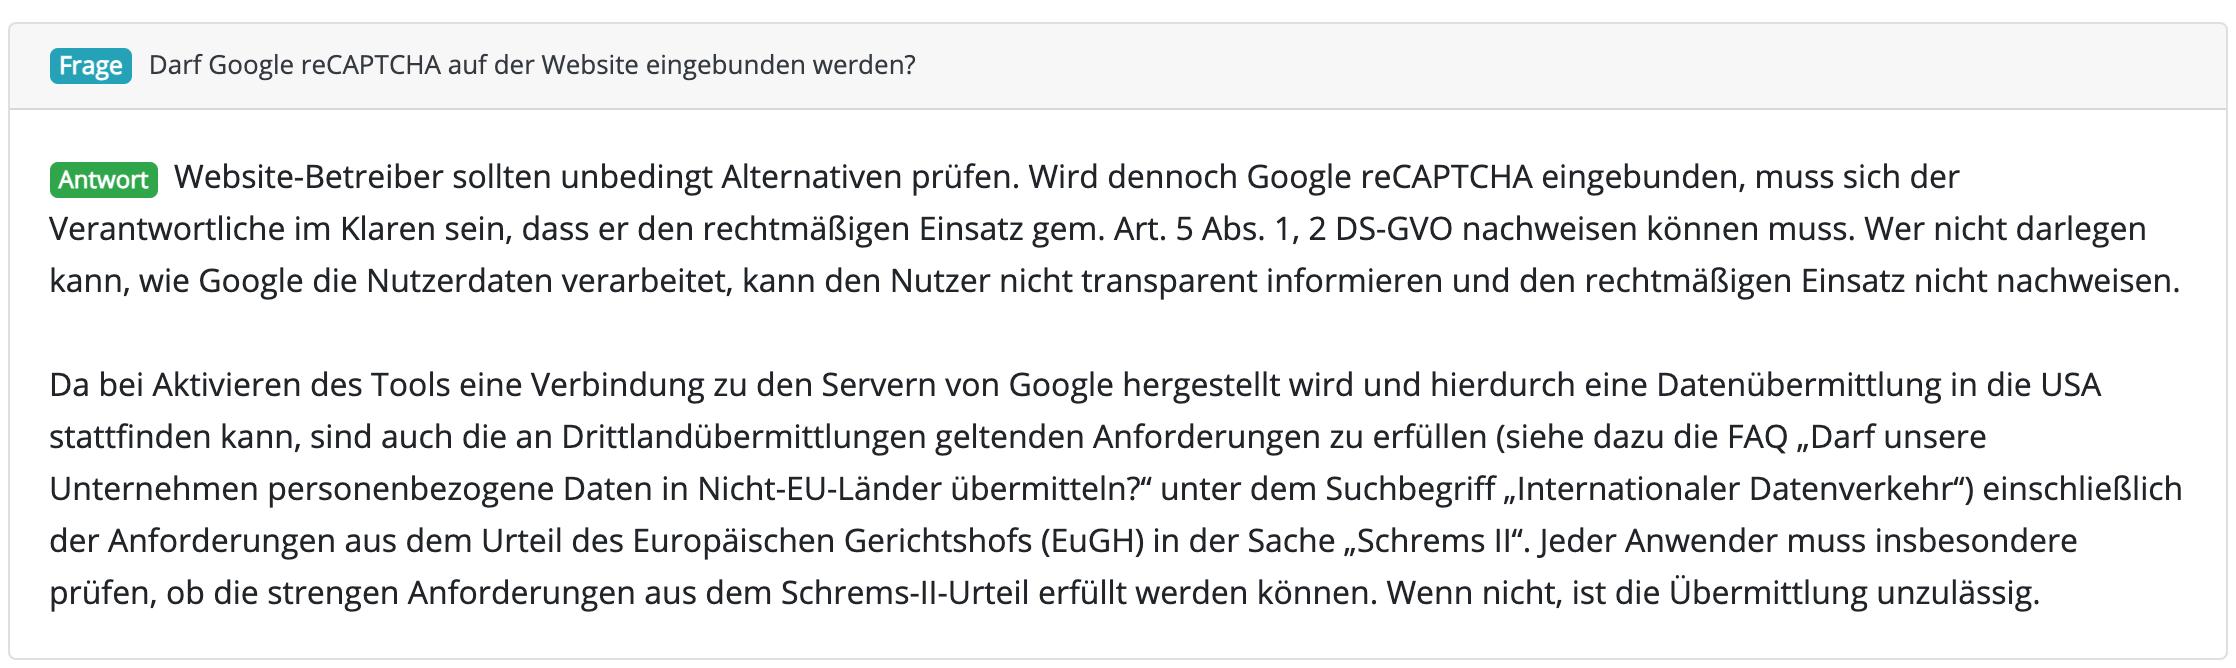 Google reCaptcha und Datenschutz